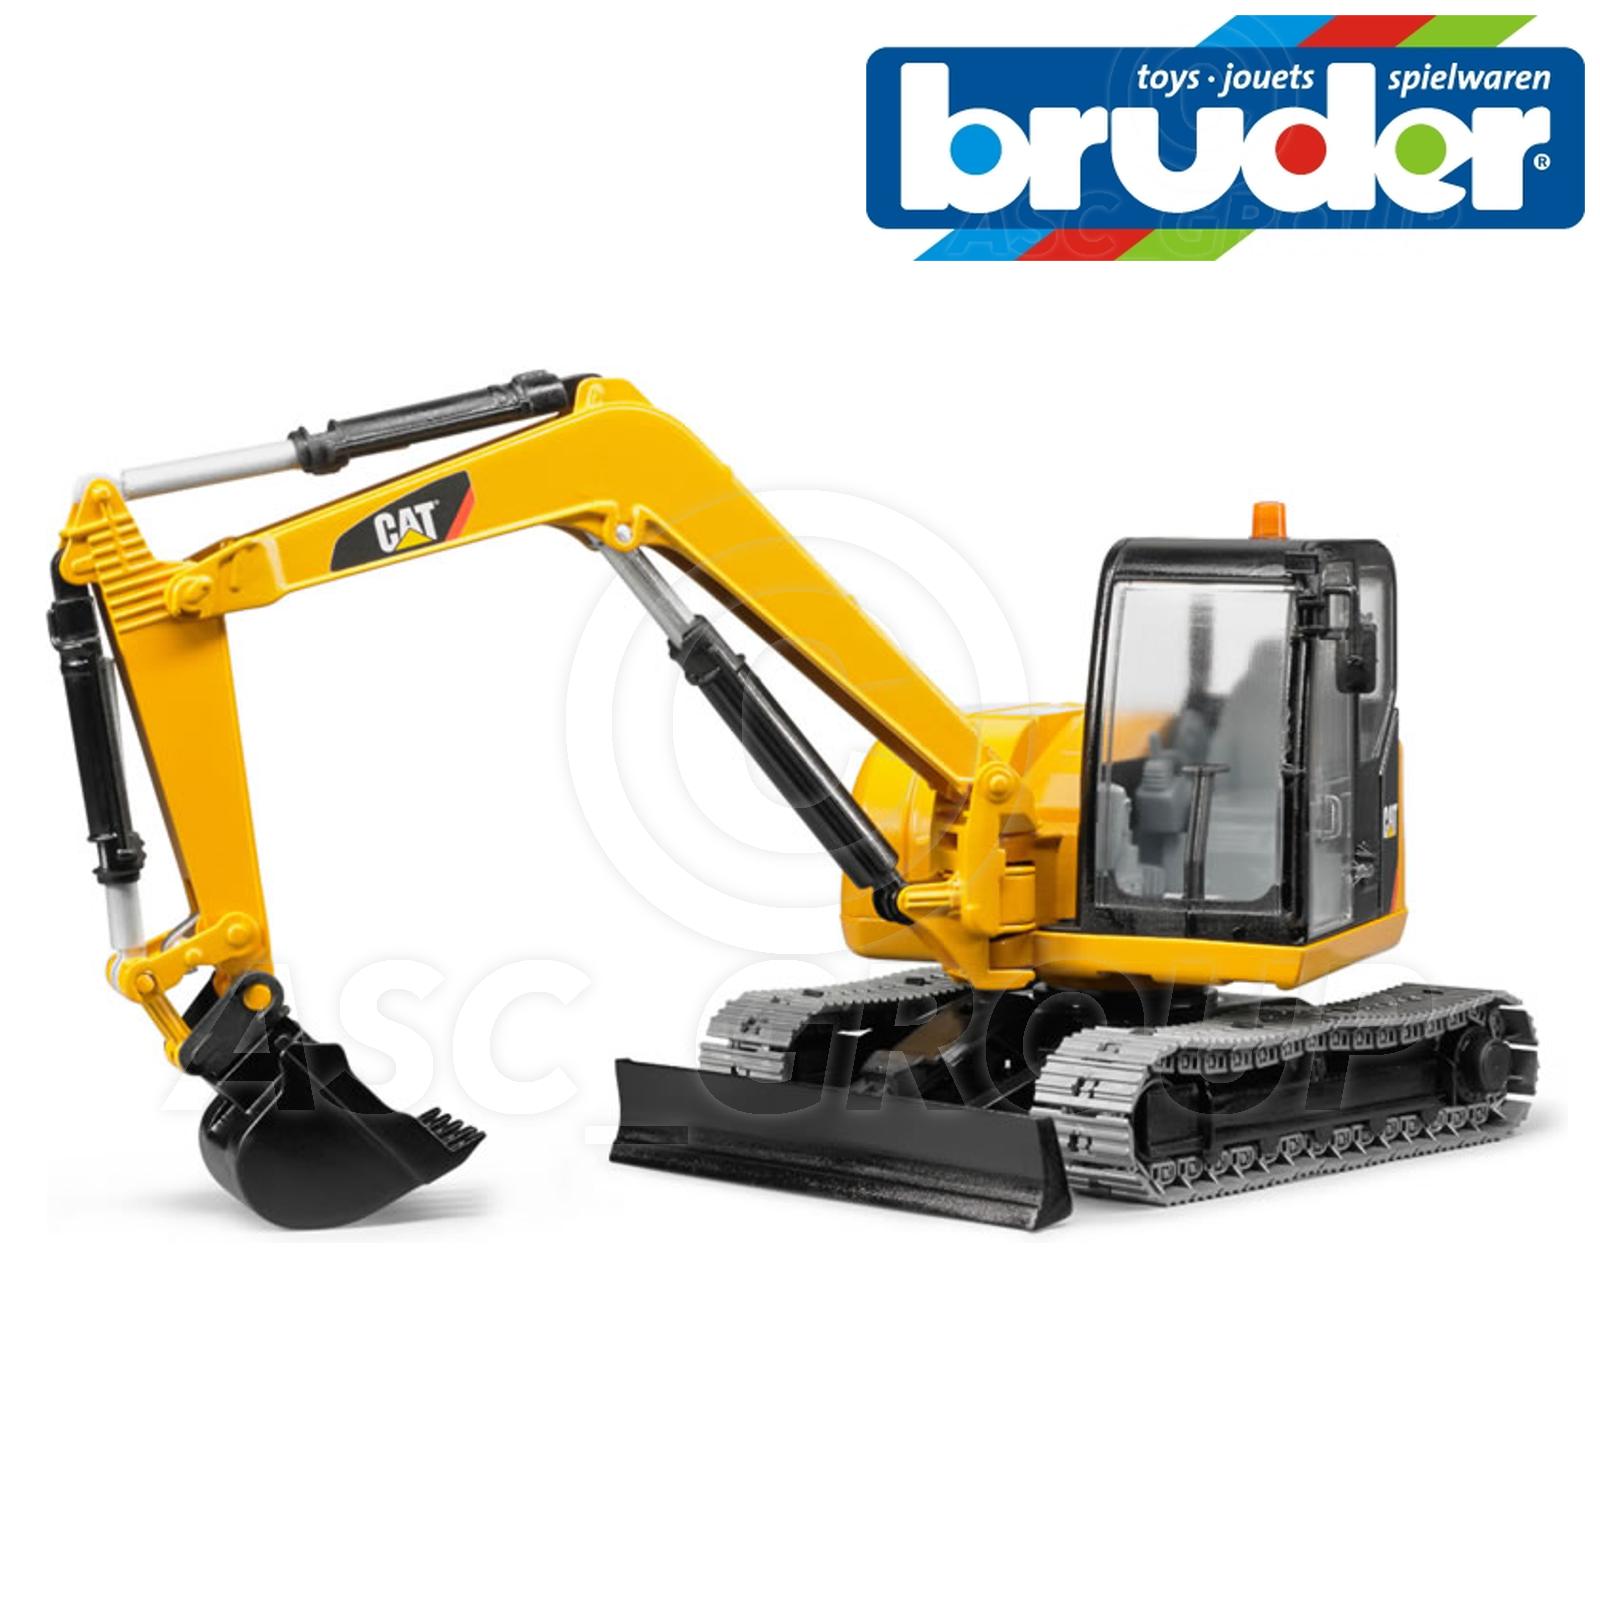 Bruder Toys 02456 Caterpillar Cat Mini Digger Excavator 1